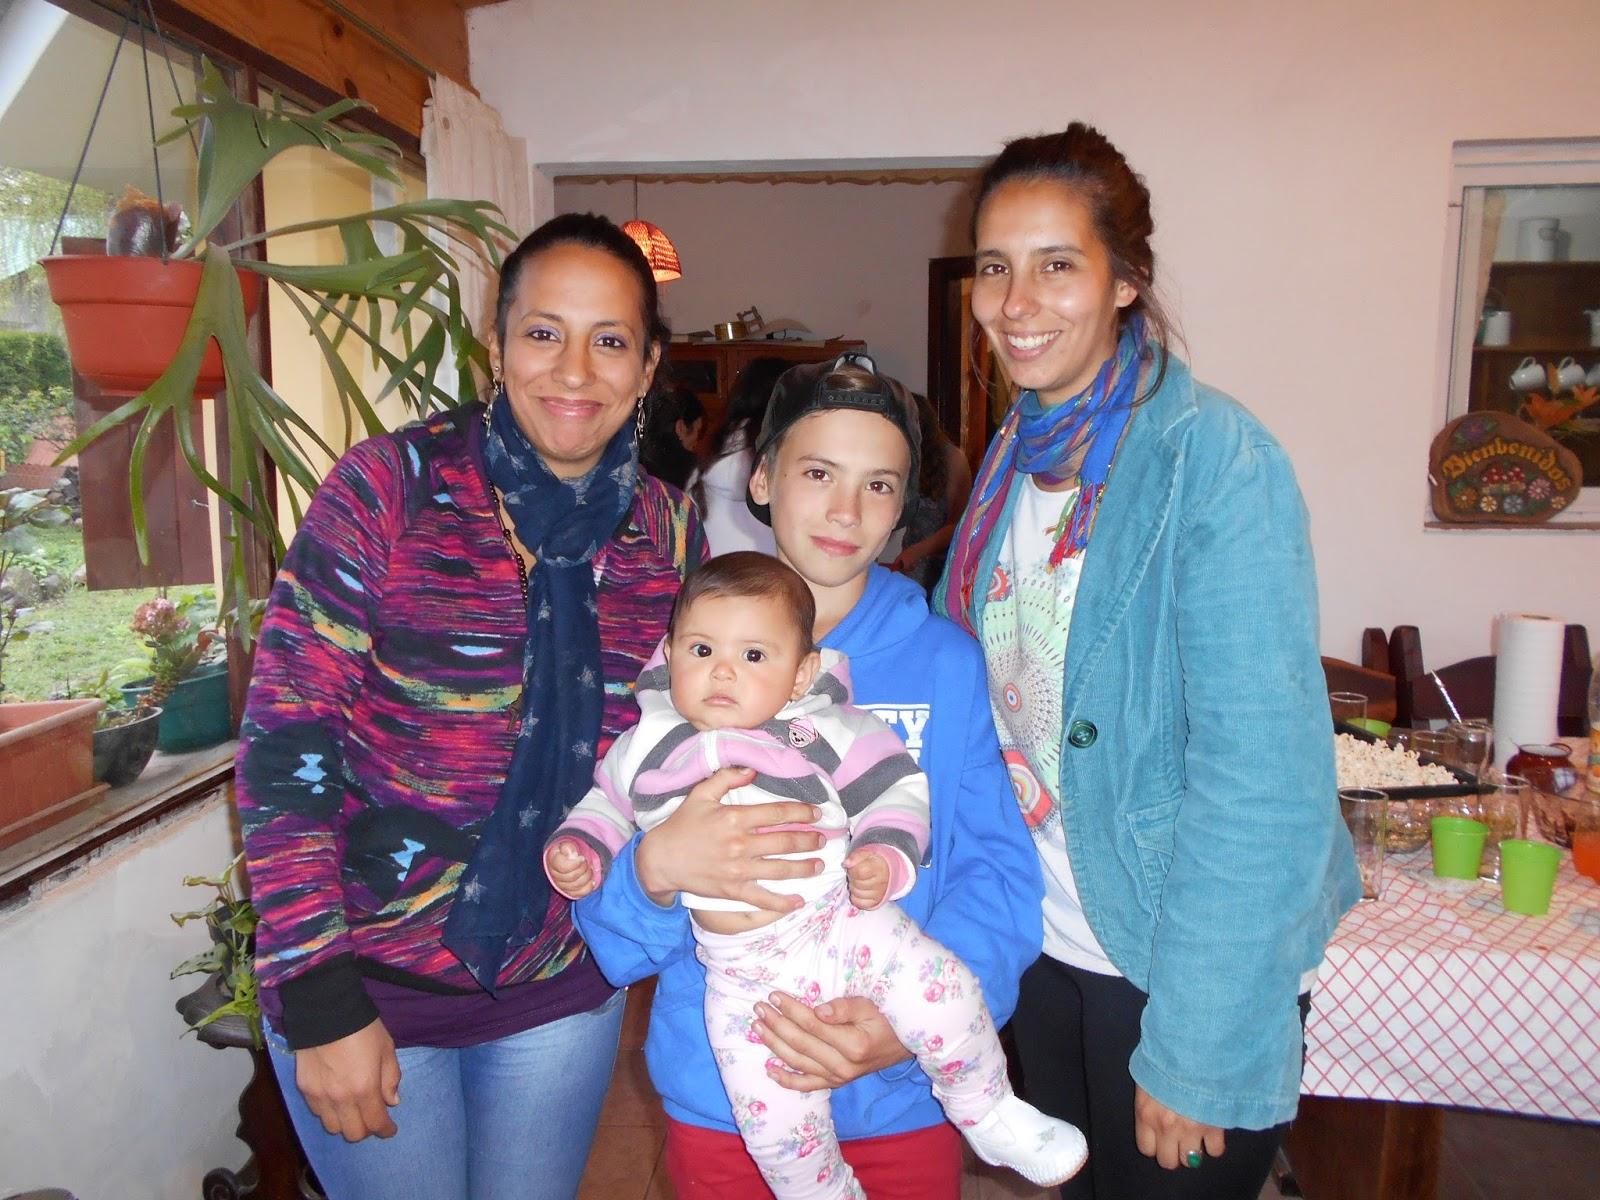 En mi camita solita mi marido no estahola amigo disculpavivo en venezuela estoy sin dinero para mis hijosayudame solo ingresando y dandole skip ad en este enlace httpmetbzabigailayudameporfavor - 5 6